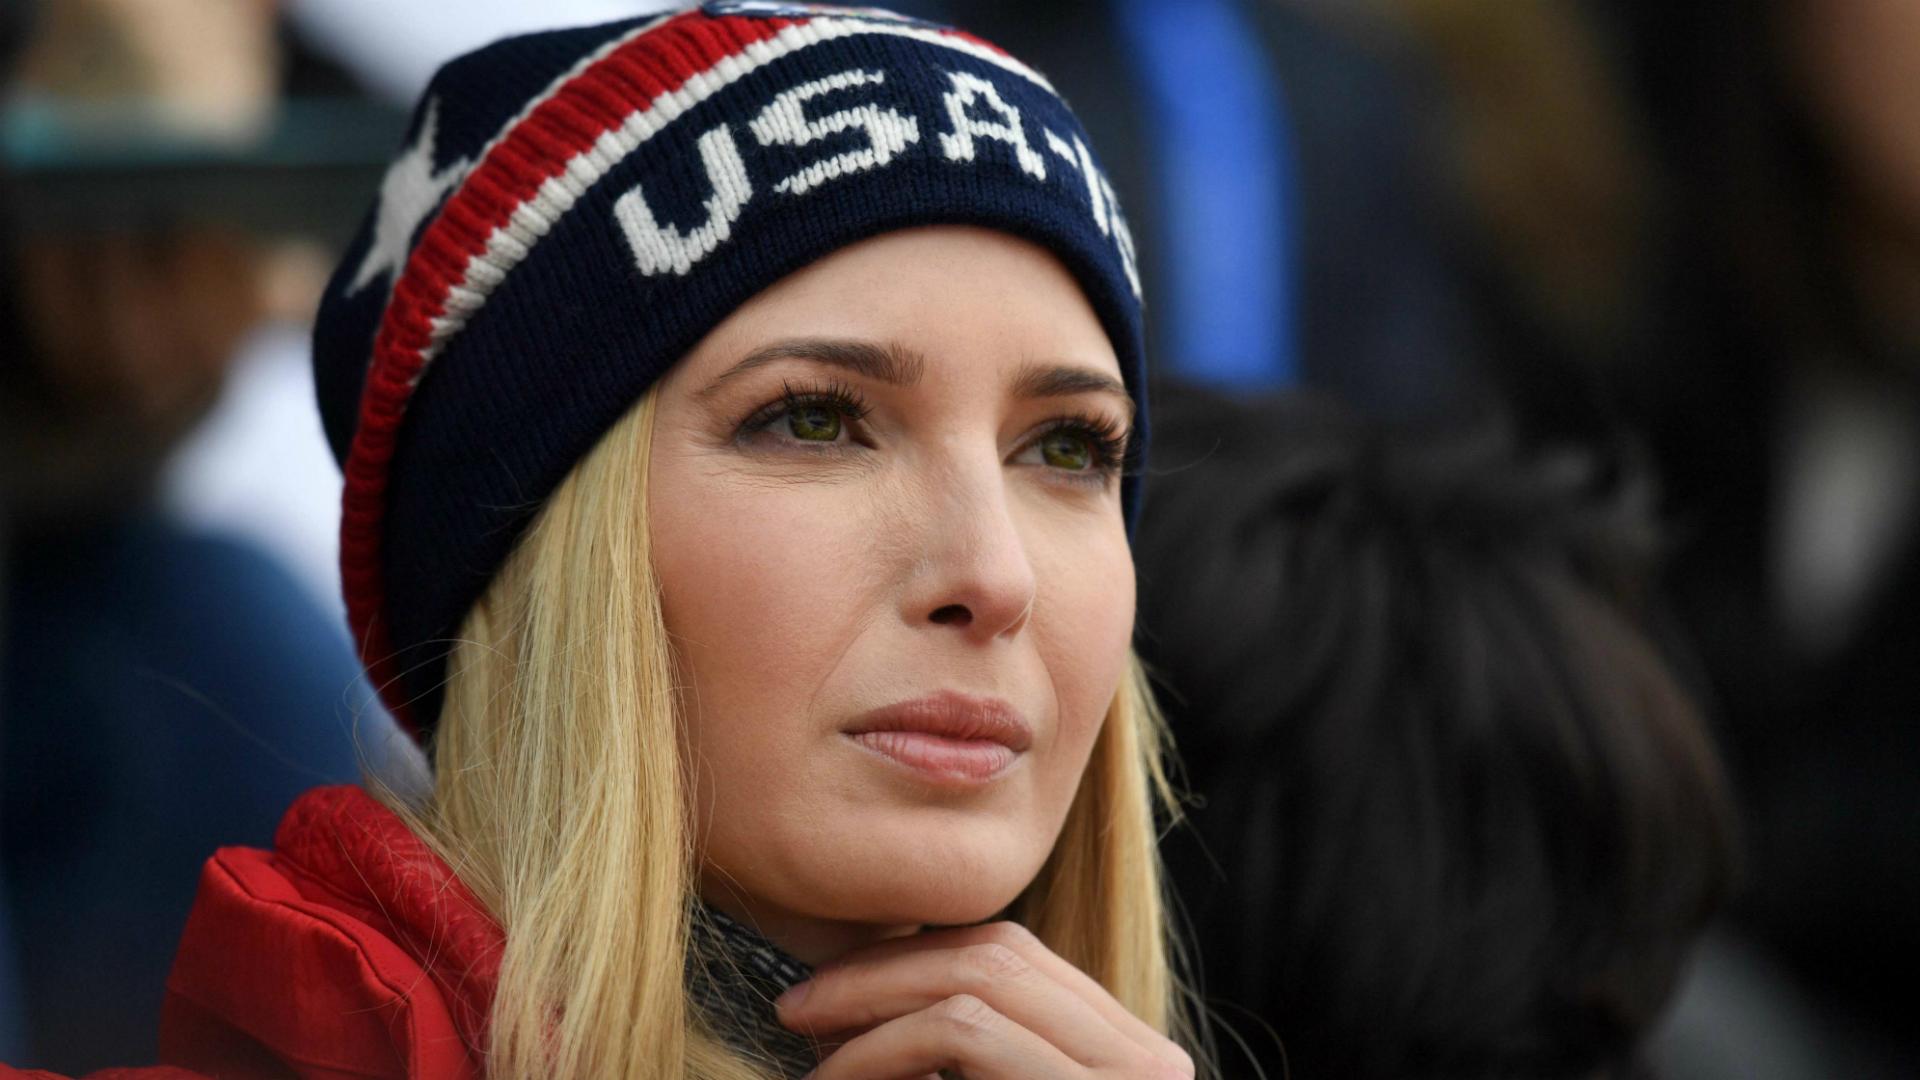 Ivanka Trump durante una competición de los Juegos Olímpicos de Invierno en Corea del Sur. (Reuters)